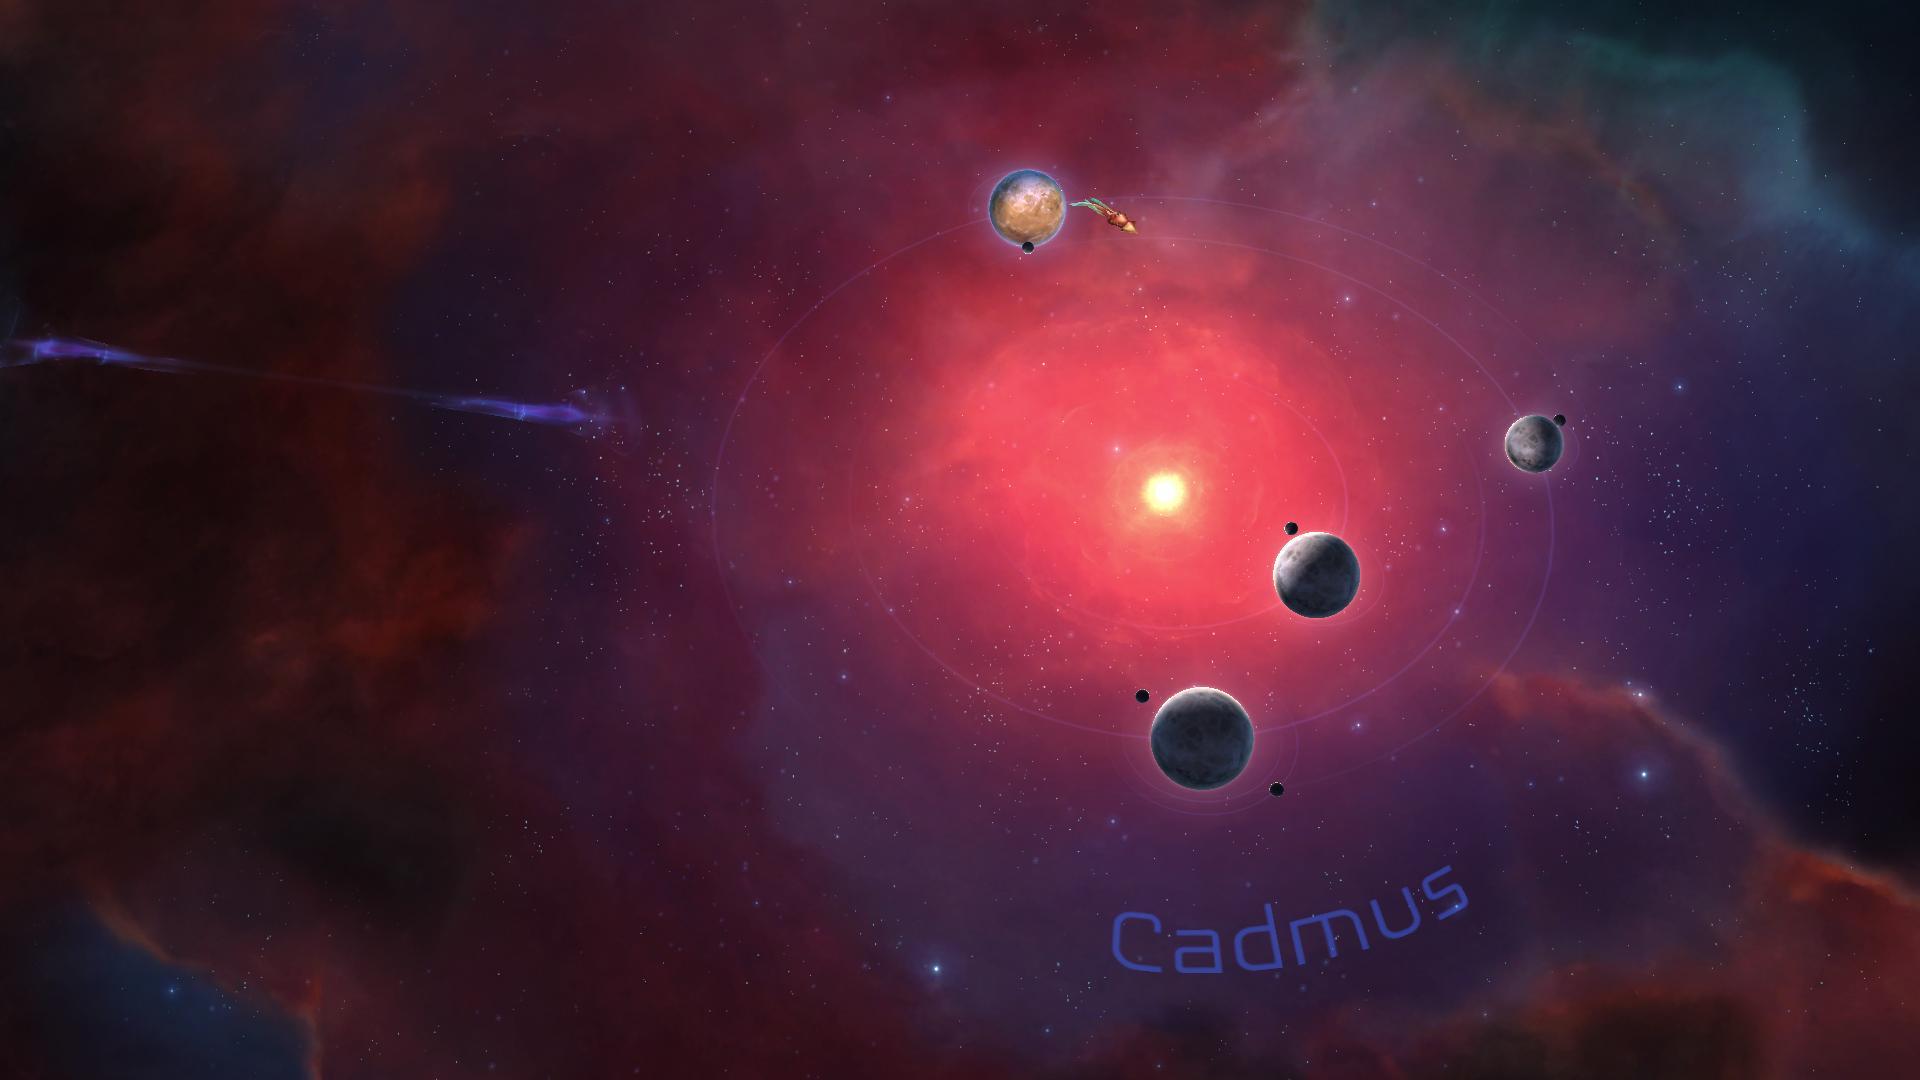 Captura de Stellaris, el último hito dentro de la estrategia 4X espacial. 4X de ciencia ficción